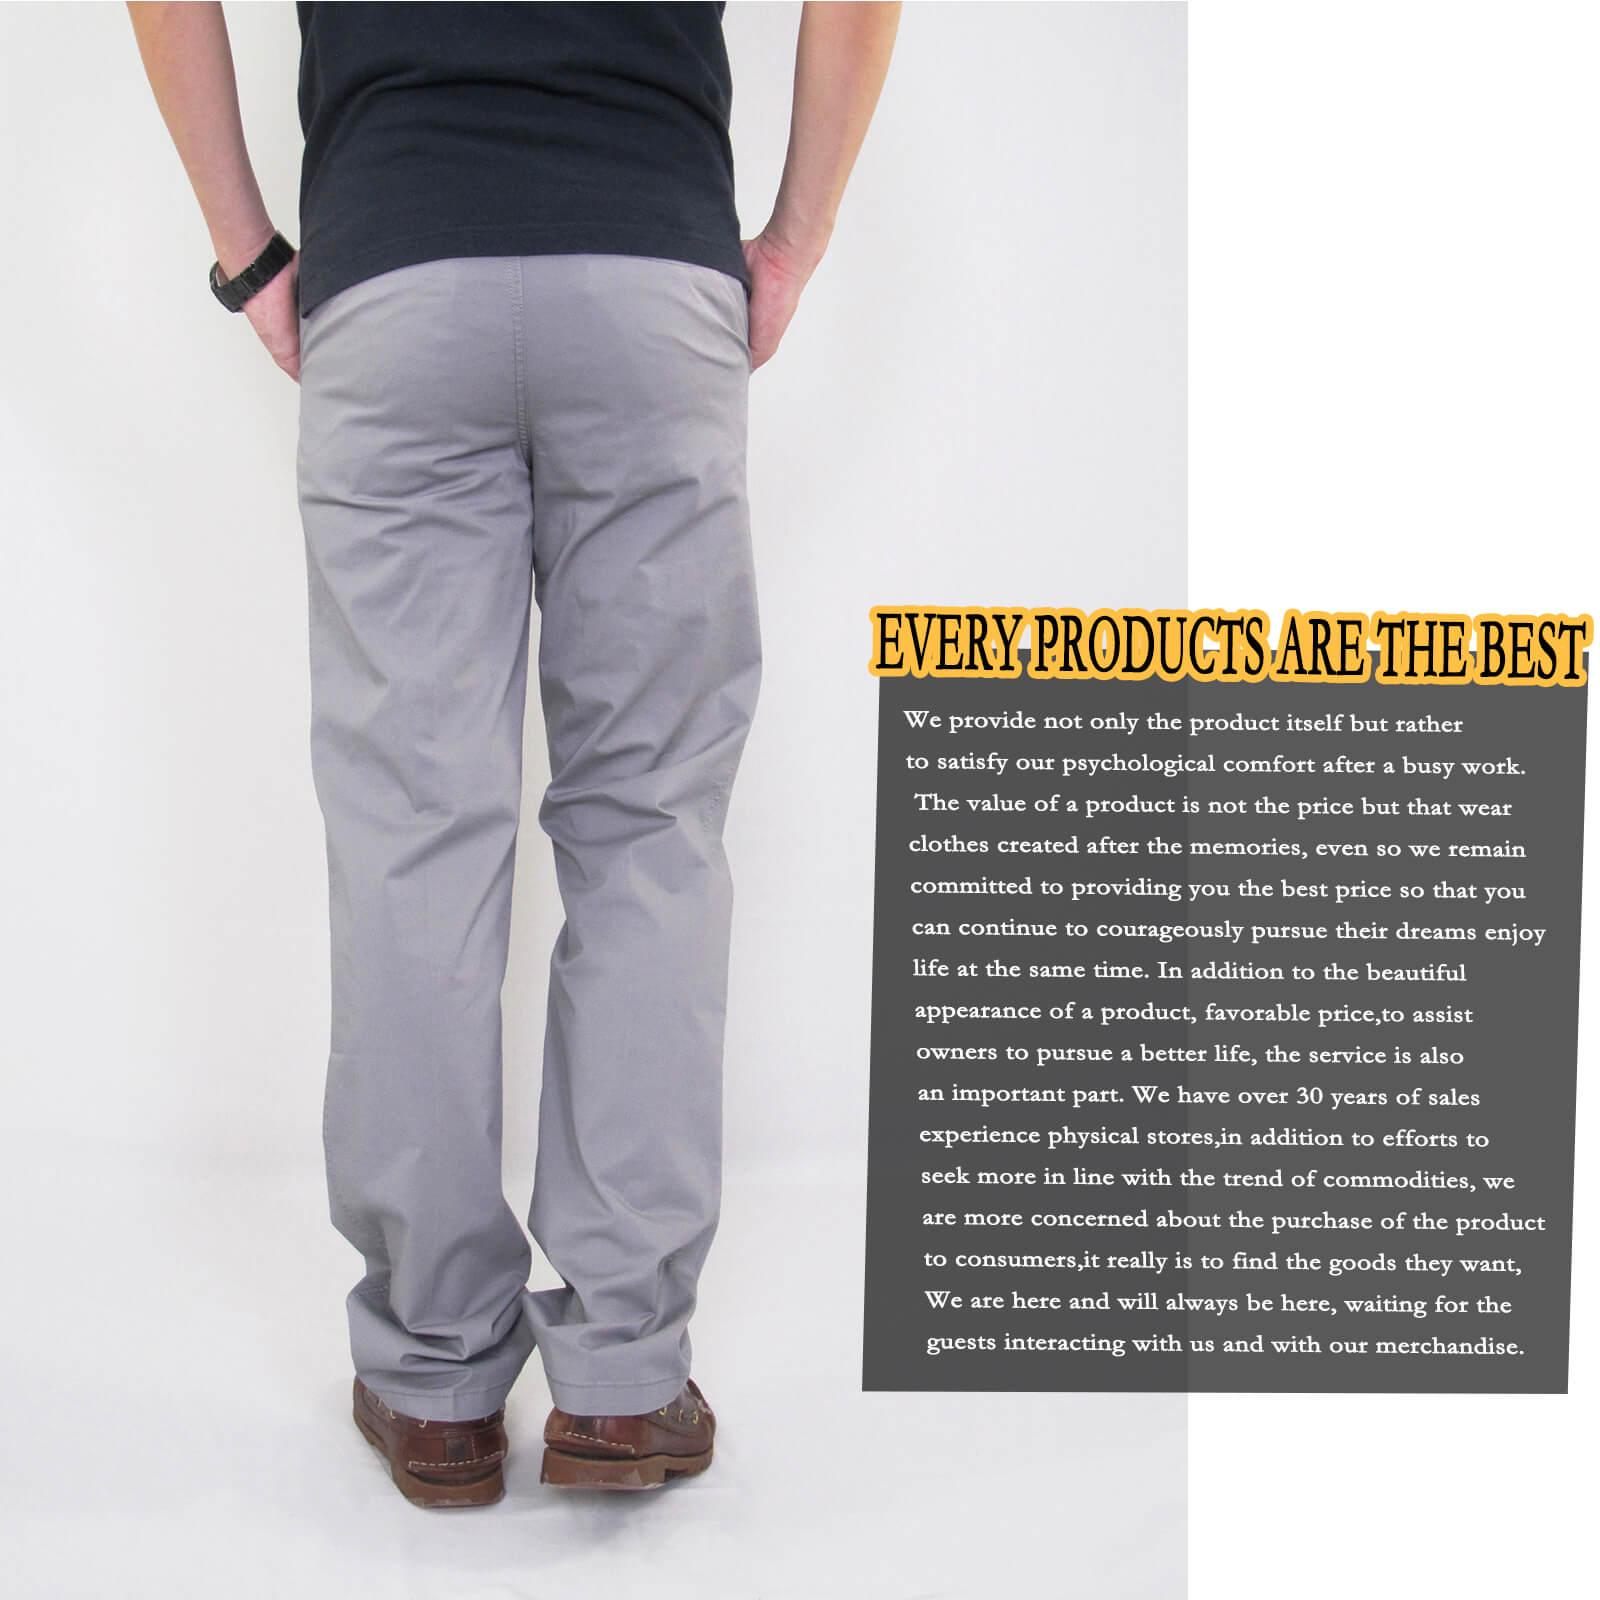 加大尺碼精梳棉平面休閒長褲 大尺寸顯瘦彈性長褲 時尚卡其長褲 PANTS (327-8106-01)銀灰色、(327-8106-02)卡其色 L XL 2L 3L 4L 5L (腰圍30~40英吋) [實體店面保障] sun-e 9